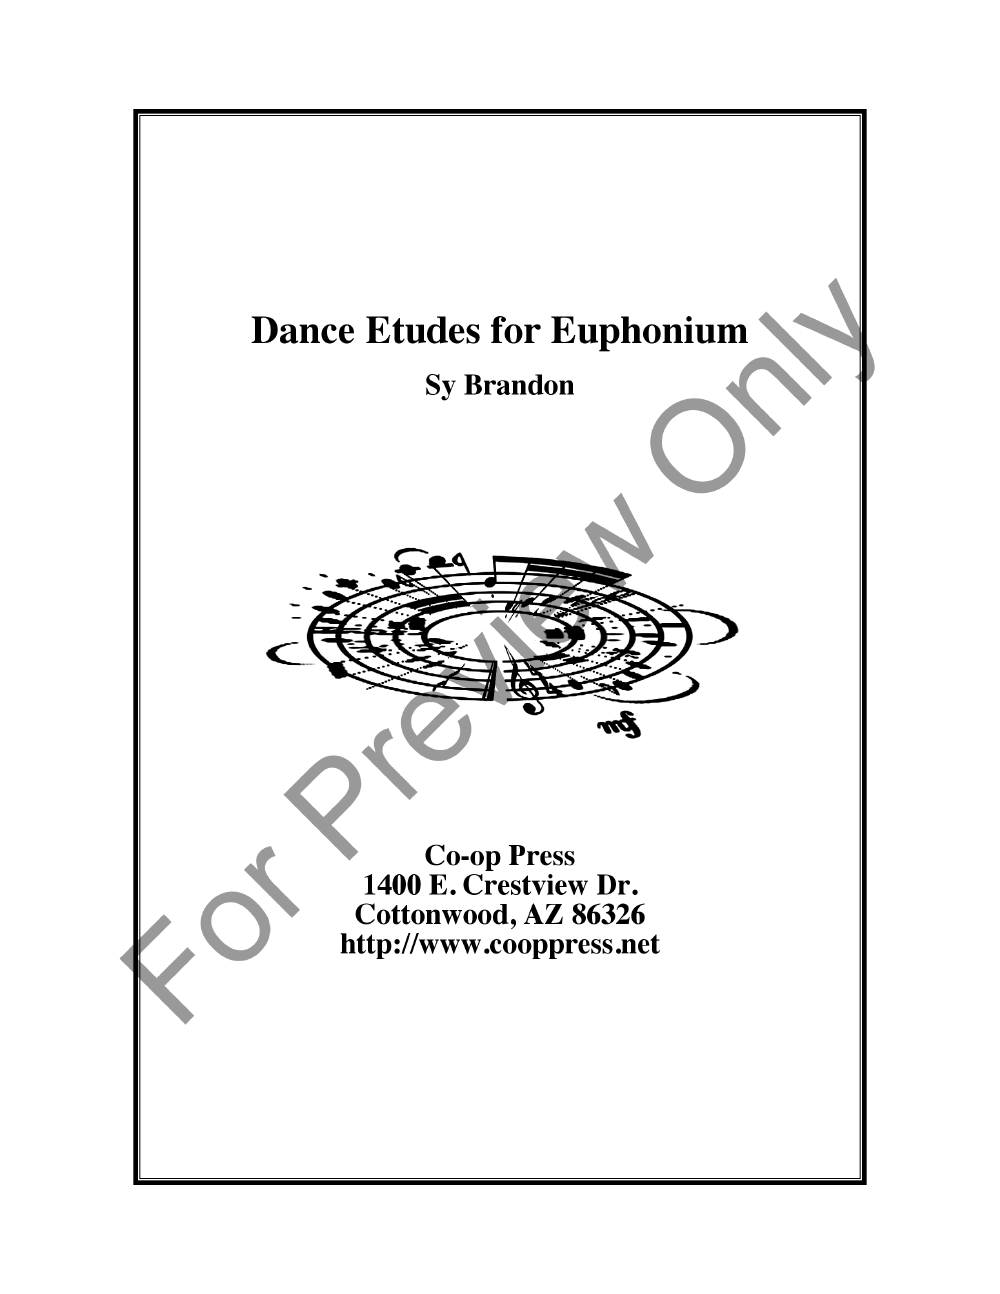 Dance Etudes Thumbnail